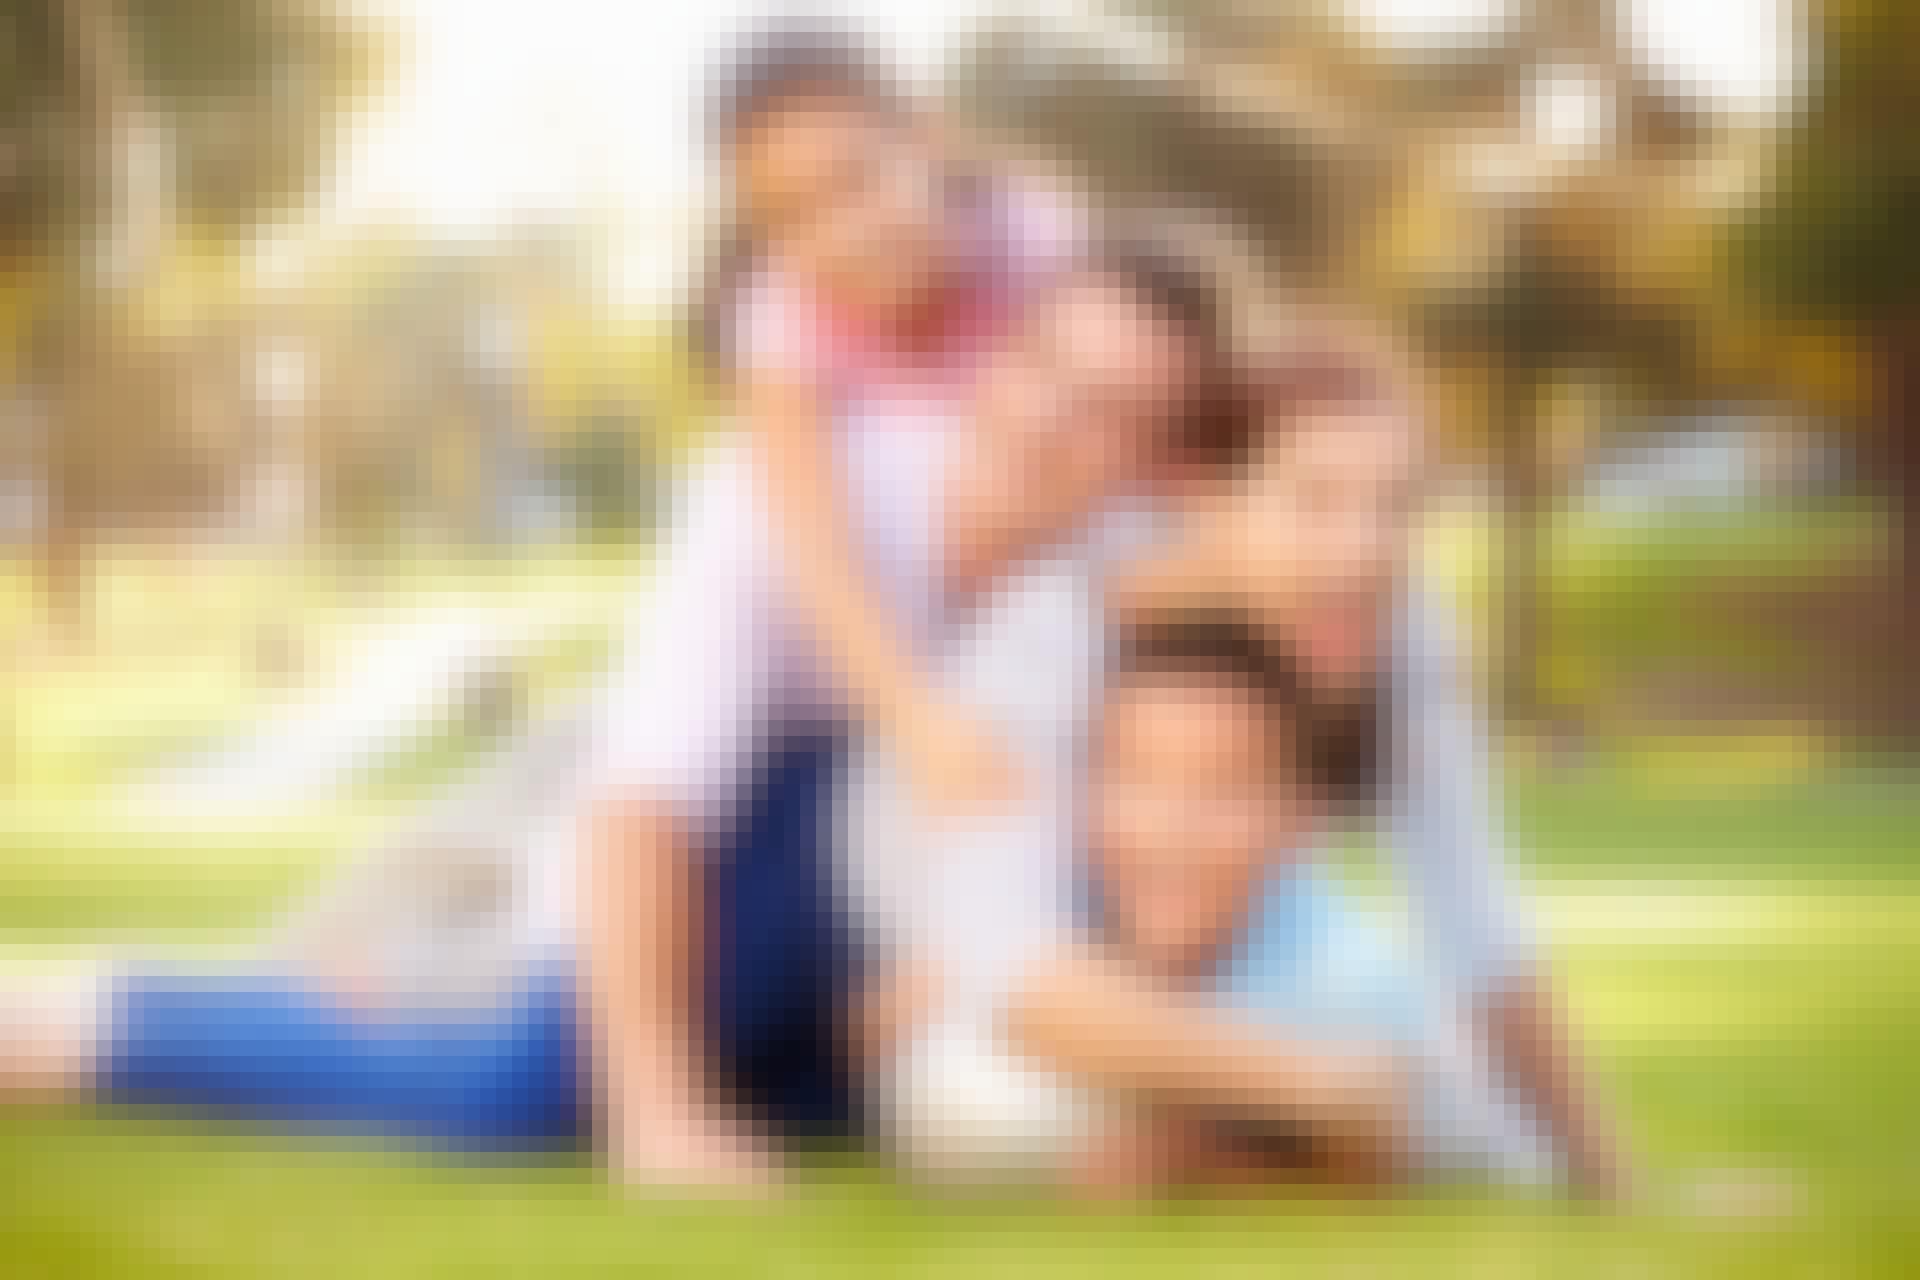 Hvilke slægtninge deler flest gener?